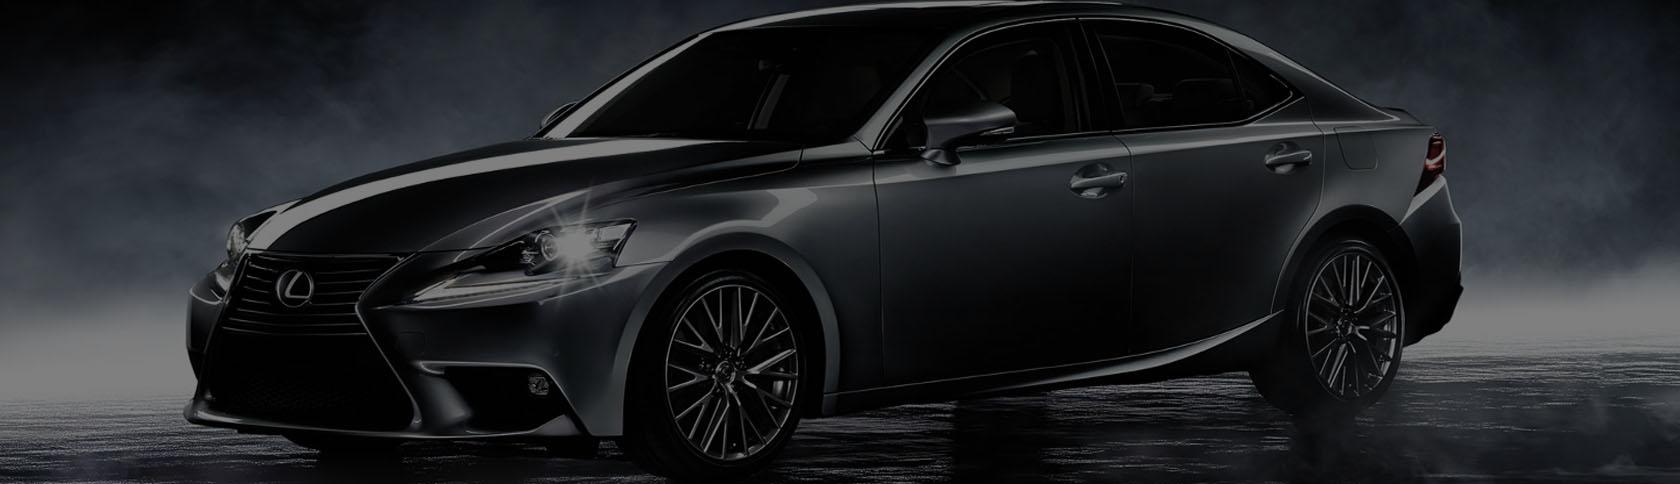 Lexus Extended Warranty